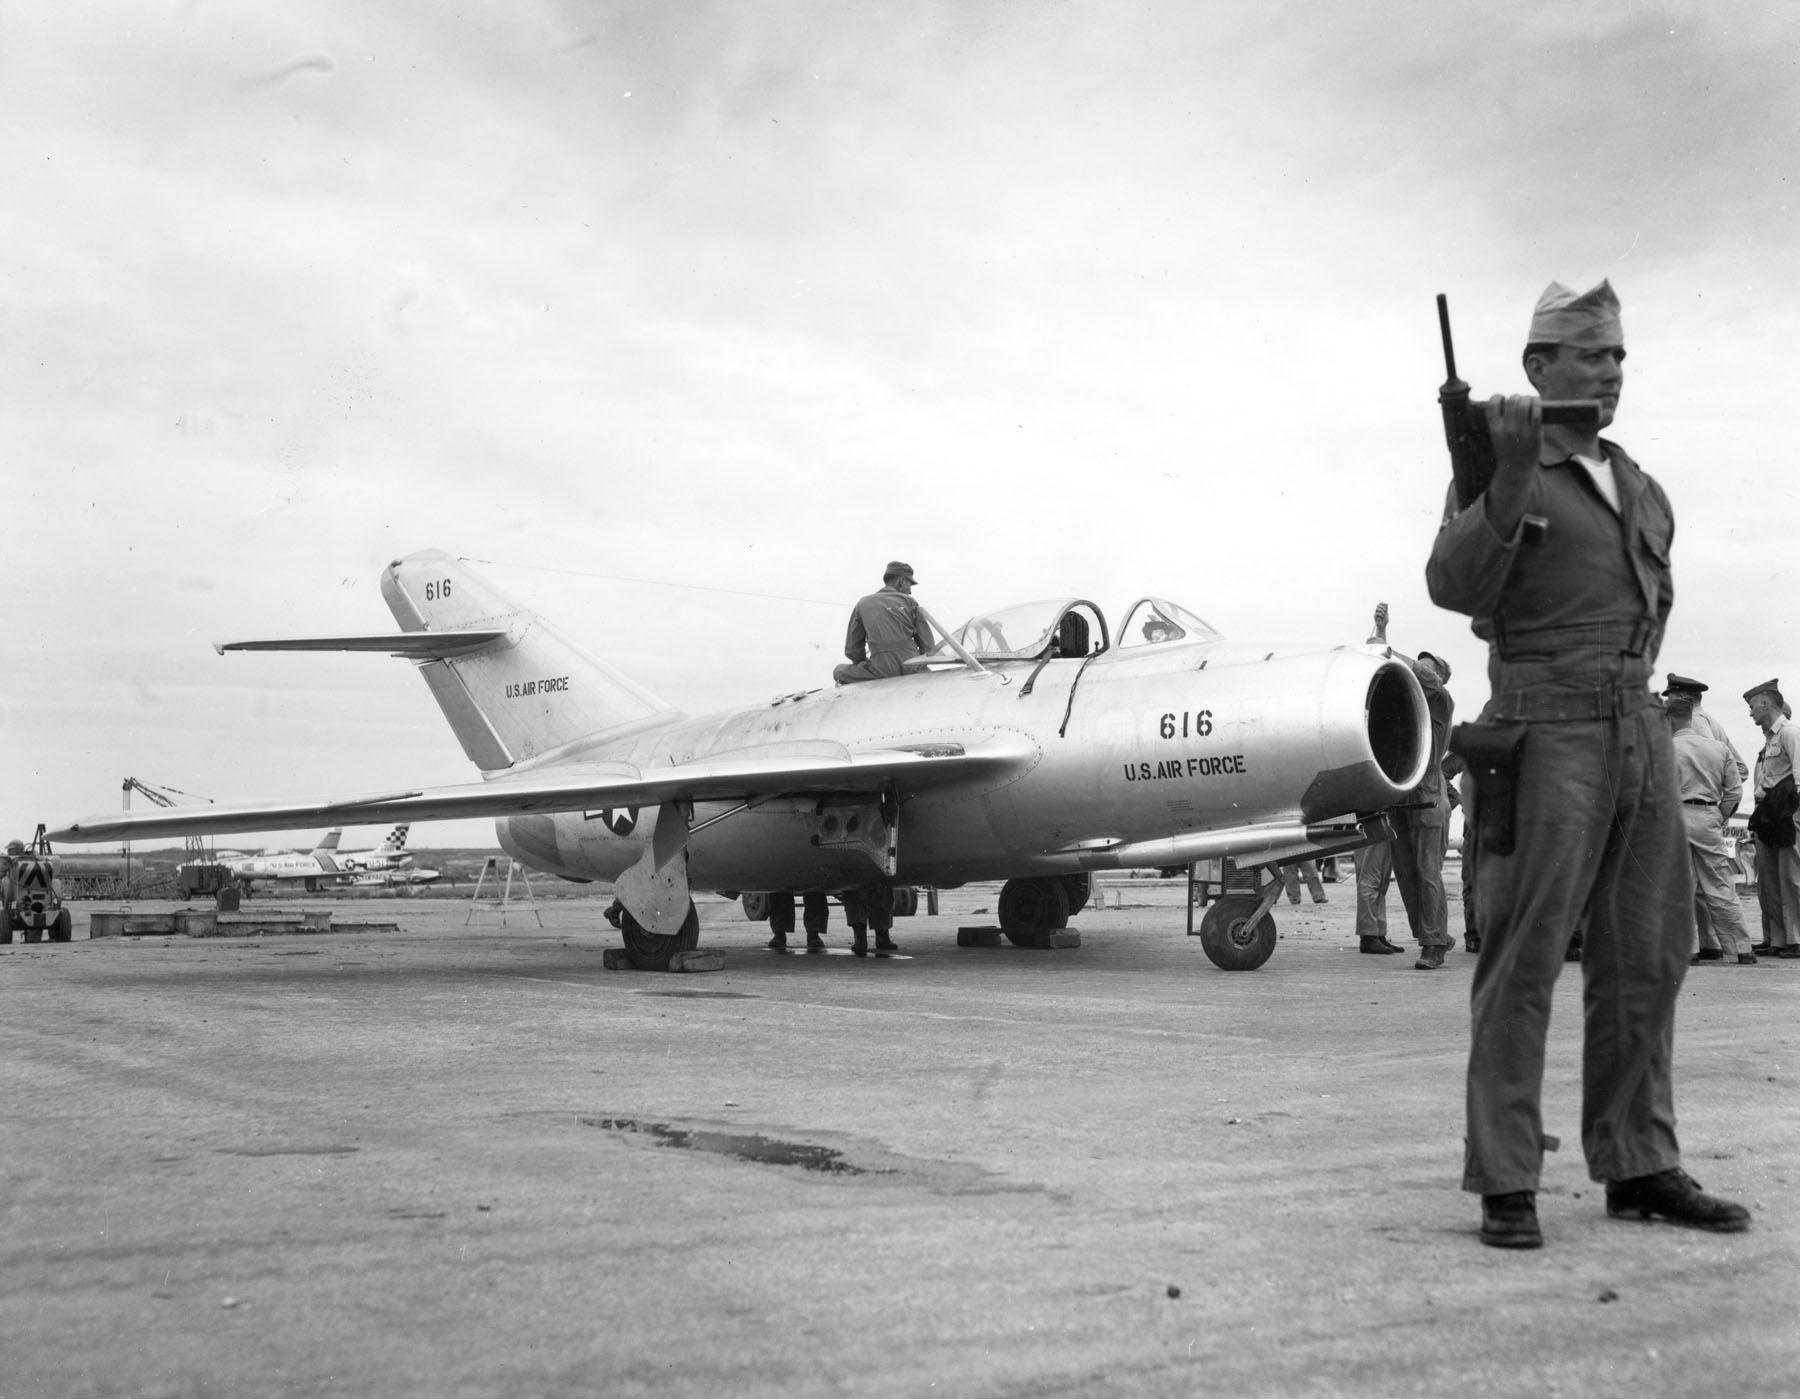 Угнанный из Северной Кореи МиГ-15 Бис, под охраной в ожидании летных испытаний на Окинаве, 1953 год